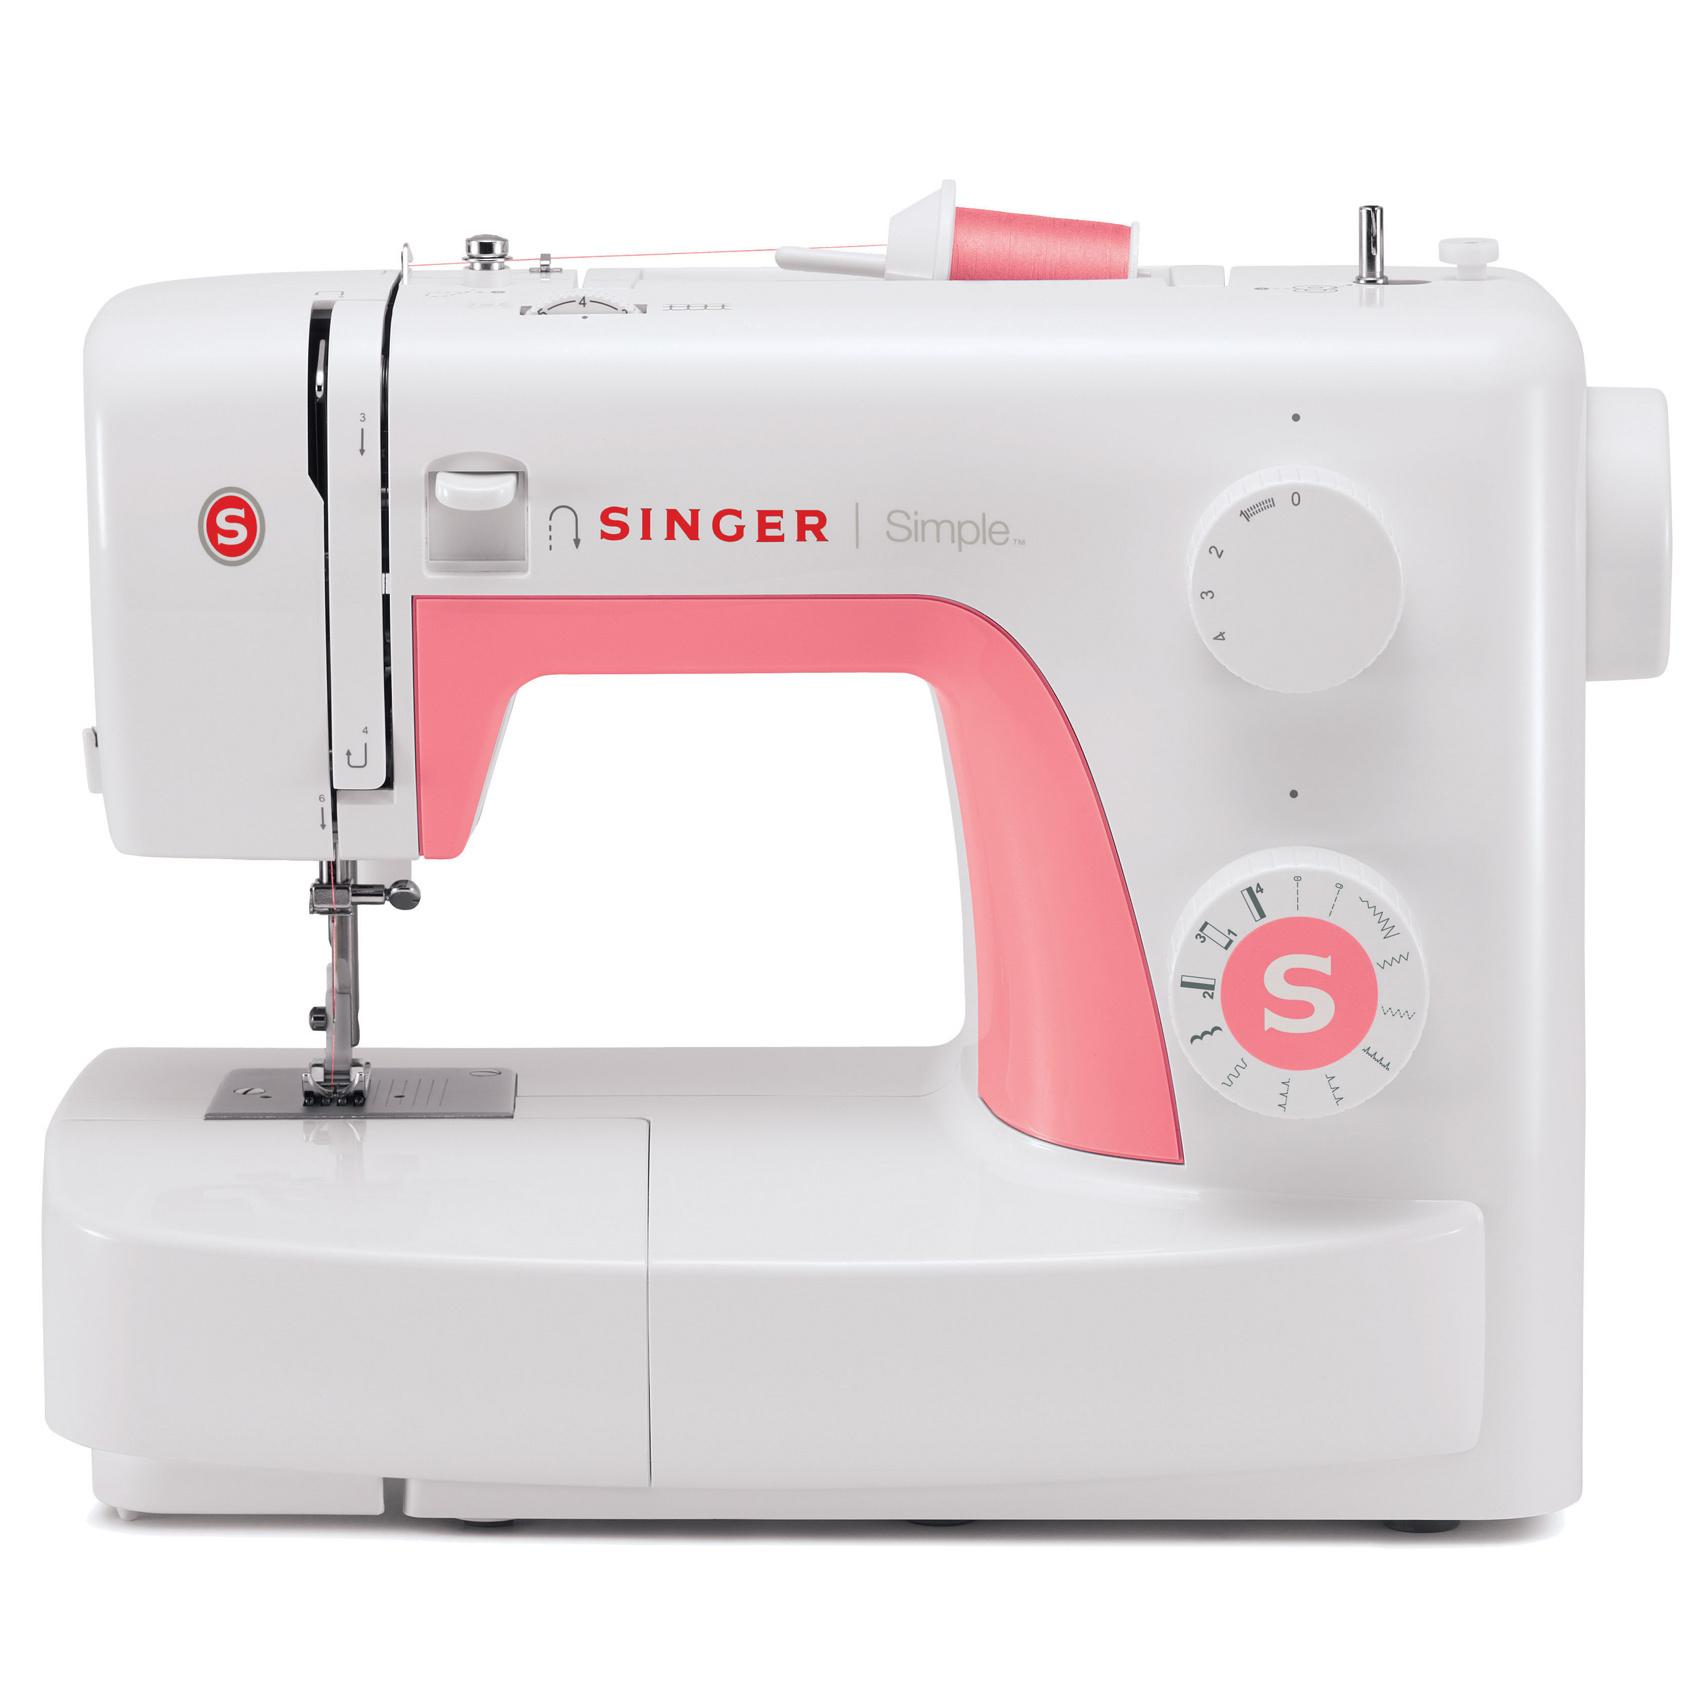 SINGER SEWING MACHINE 3210